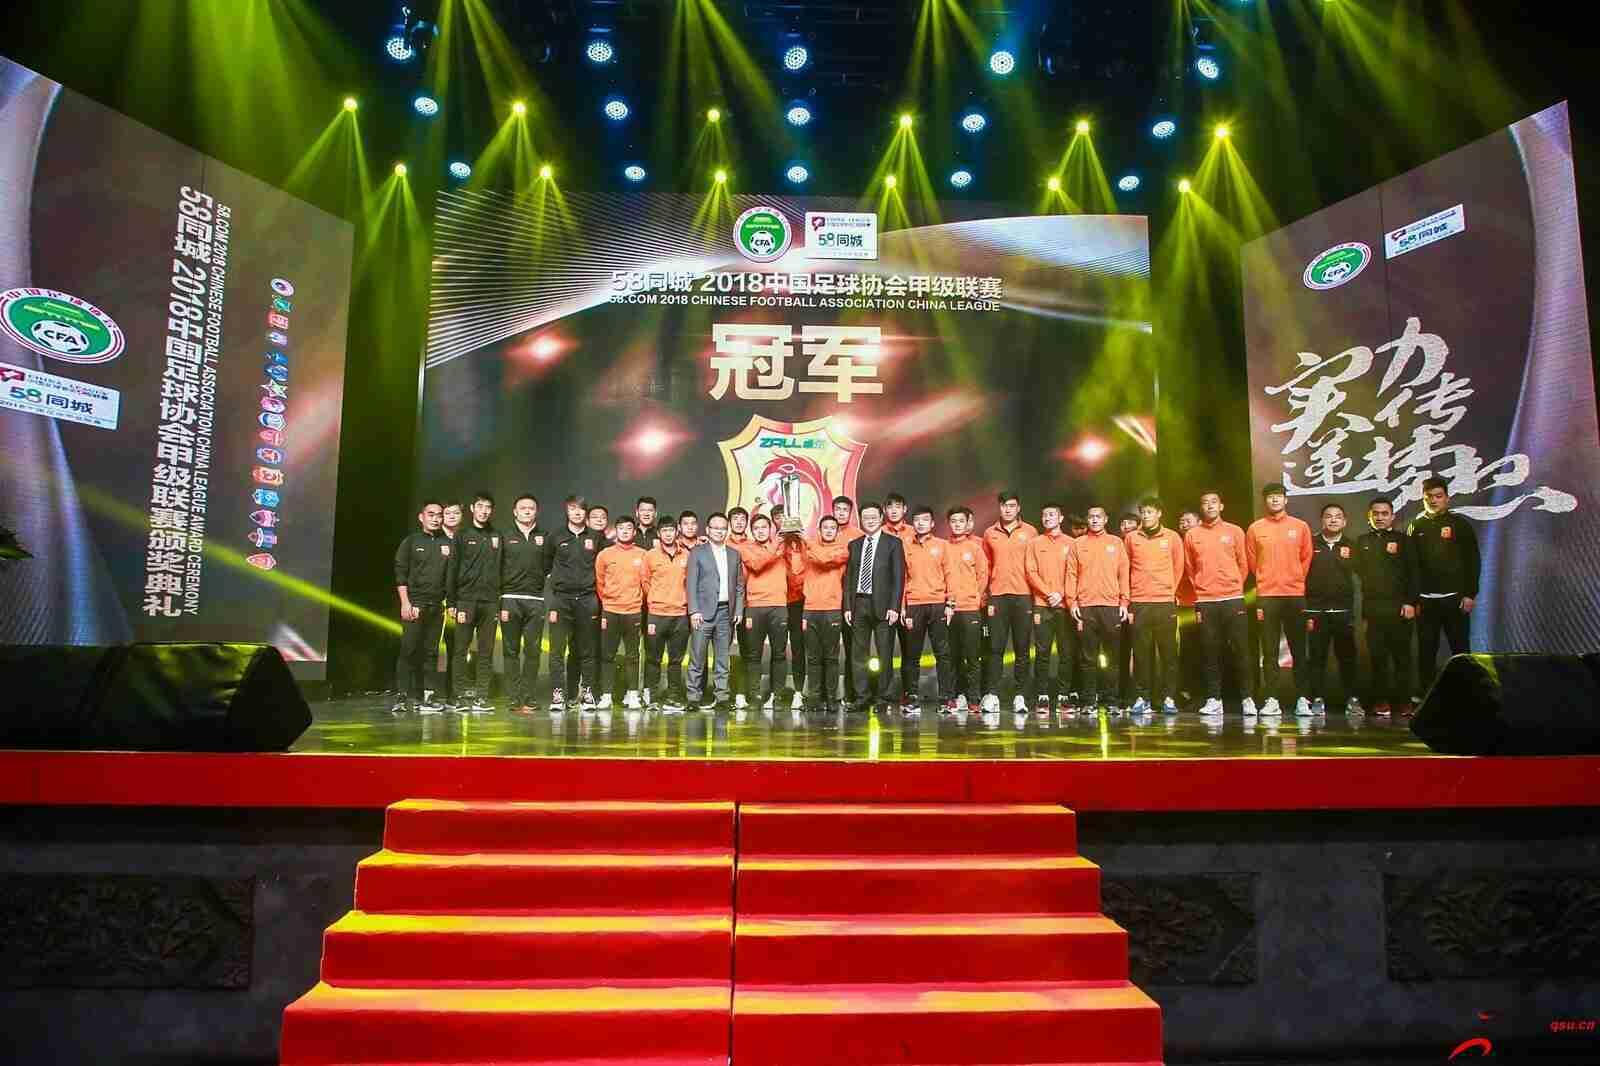 2018中甲颁奖:季骁宣荣膺最佳球员 马里获金靴